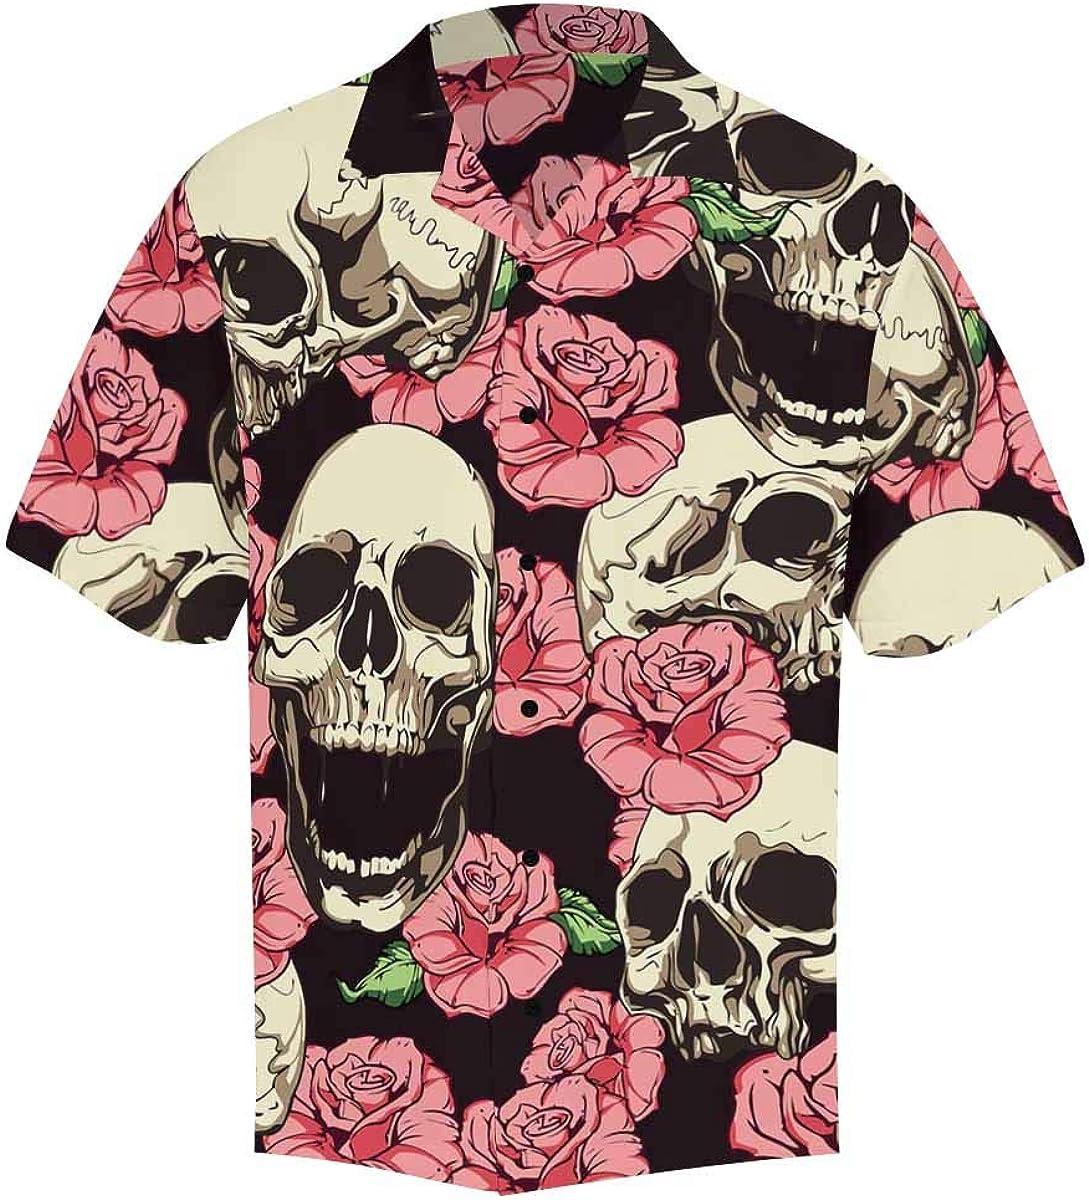 InterestPrint Men's Casual Button Down Short Sleeve Red Rose Skull Hawaiian Shirt (S-5XL)